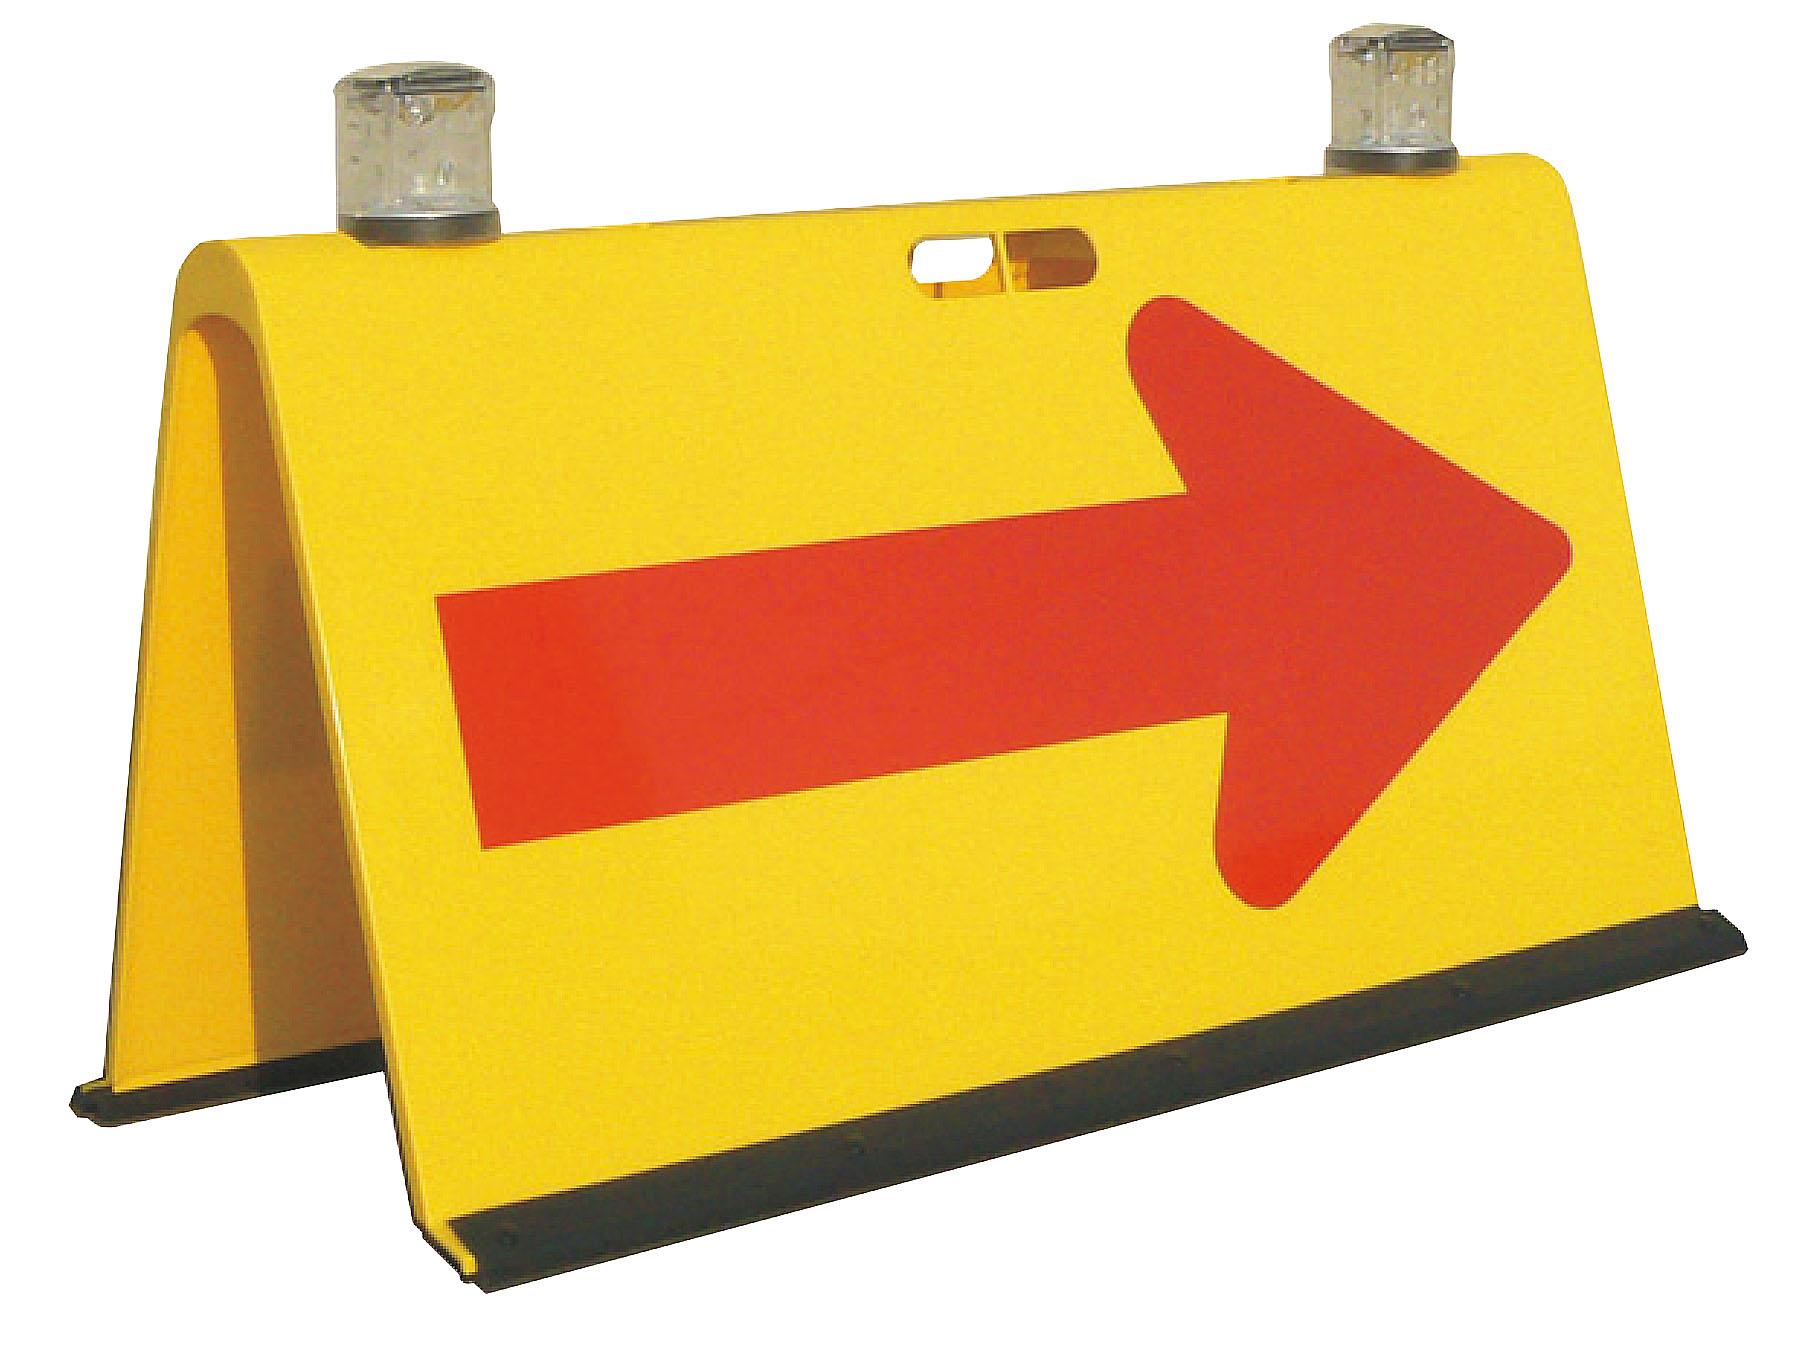 二方向矢印板 点滅灯差込式 黄赤 450X900